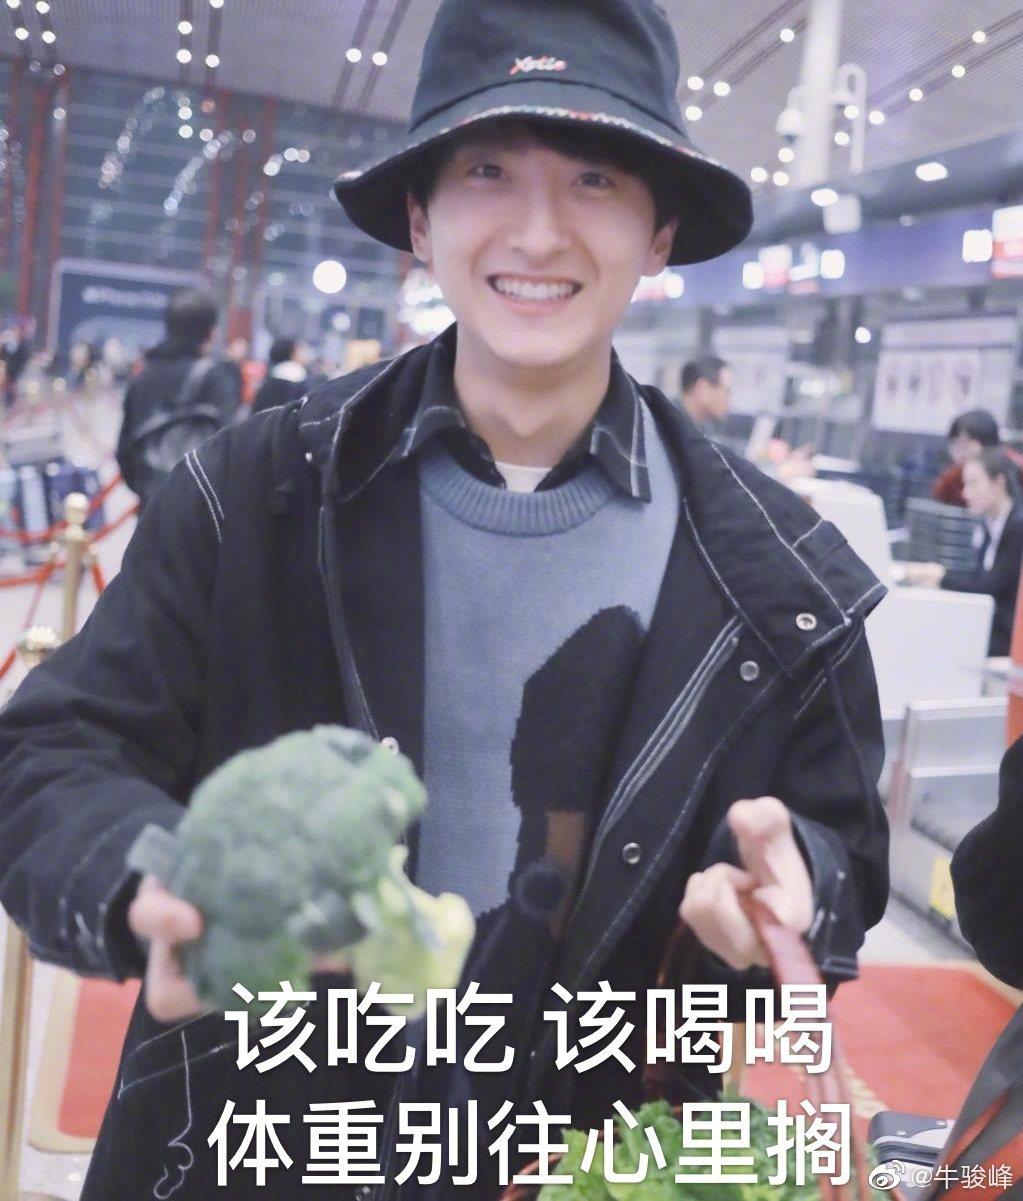 牛駿峰在機場收到一籃菜。圖/擷自微博